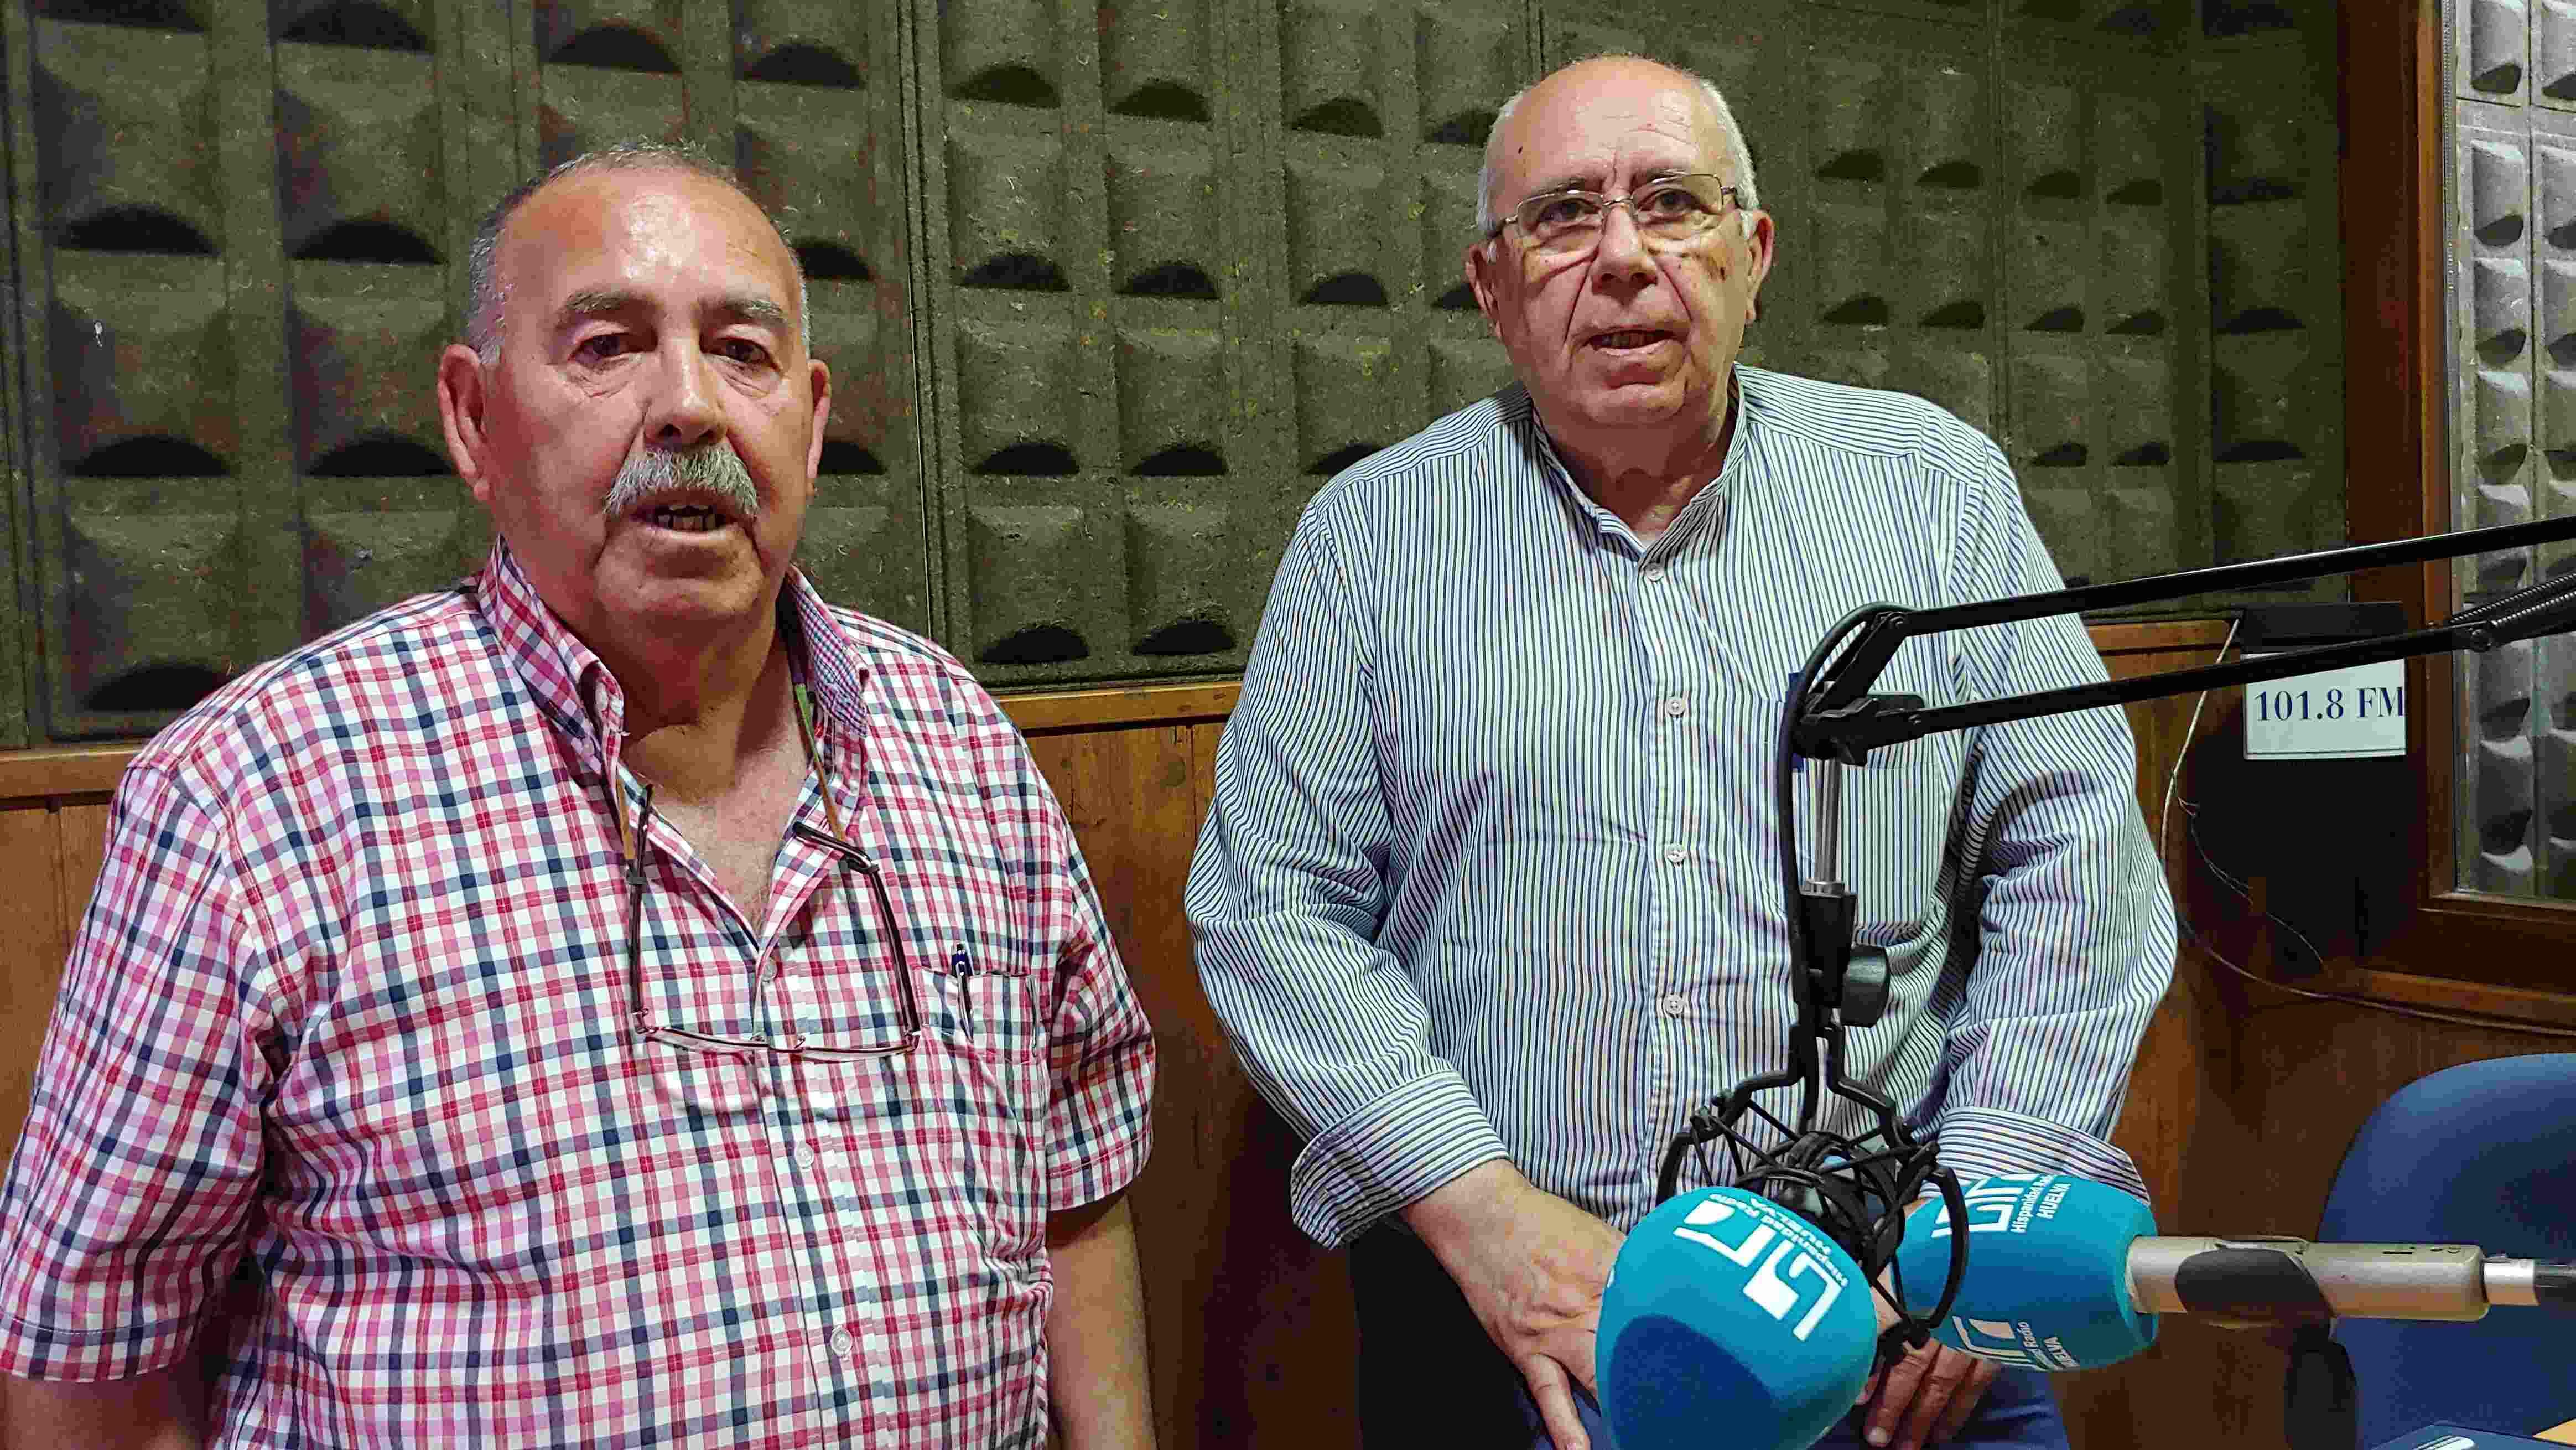 El Barcón de Huelva 15-05-2019 Barriada Navidad